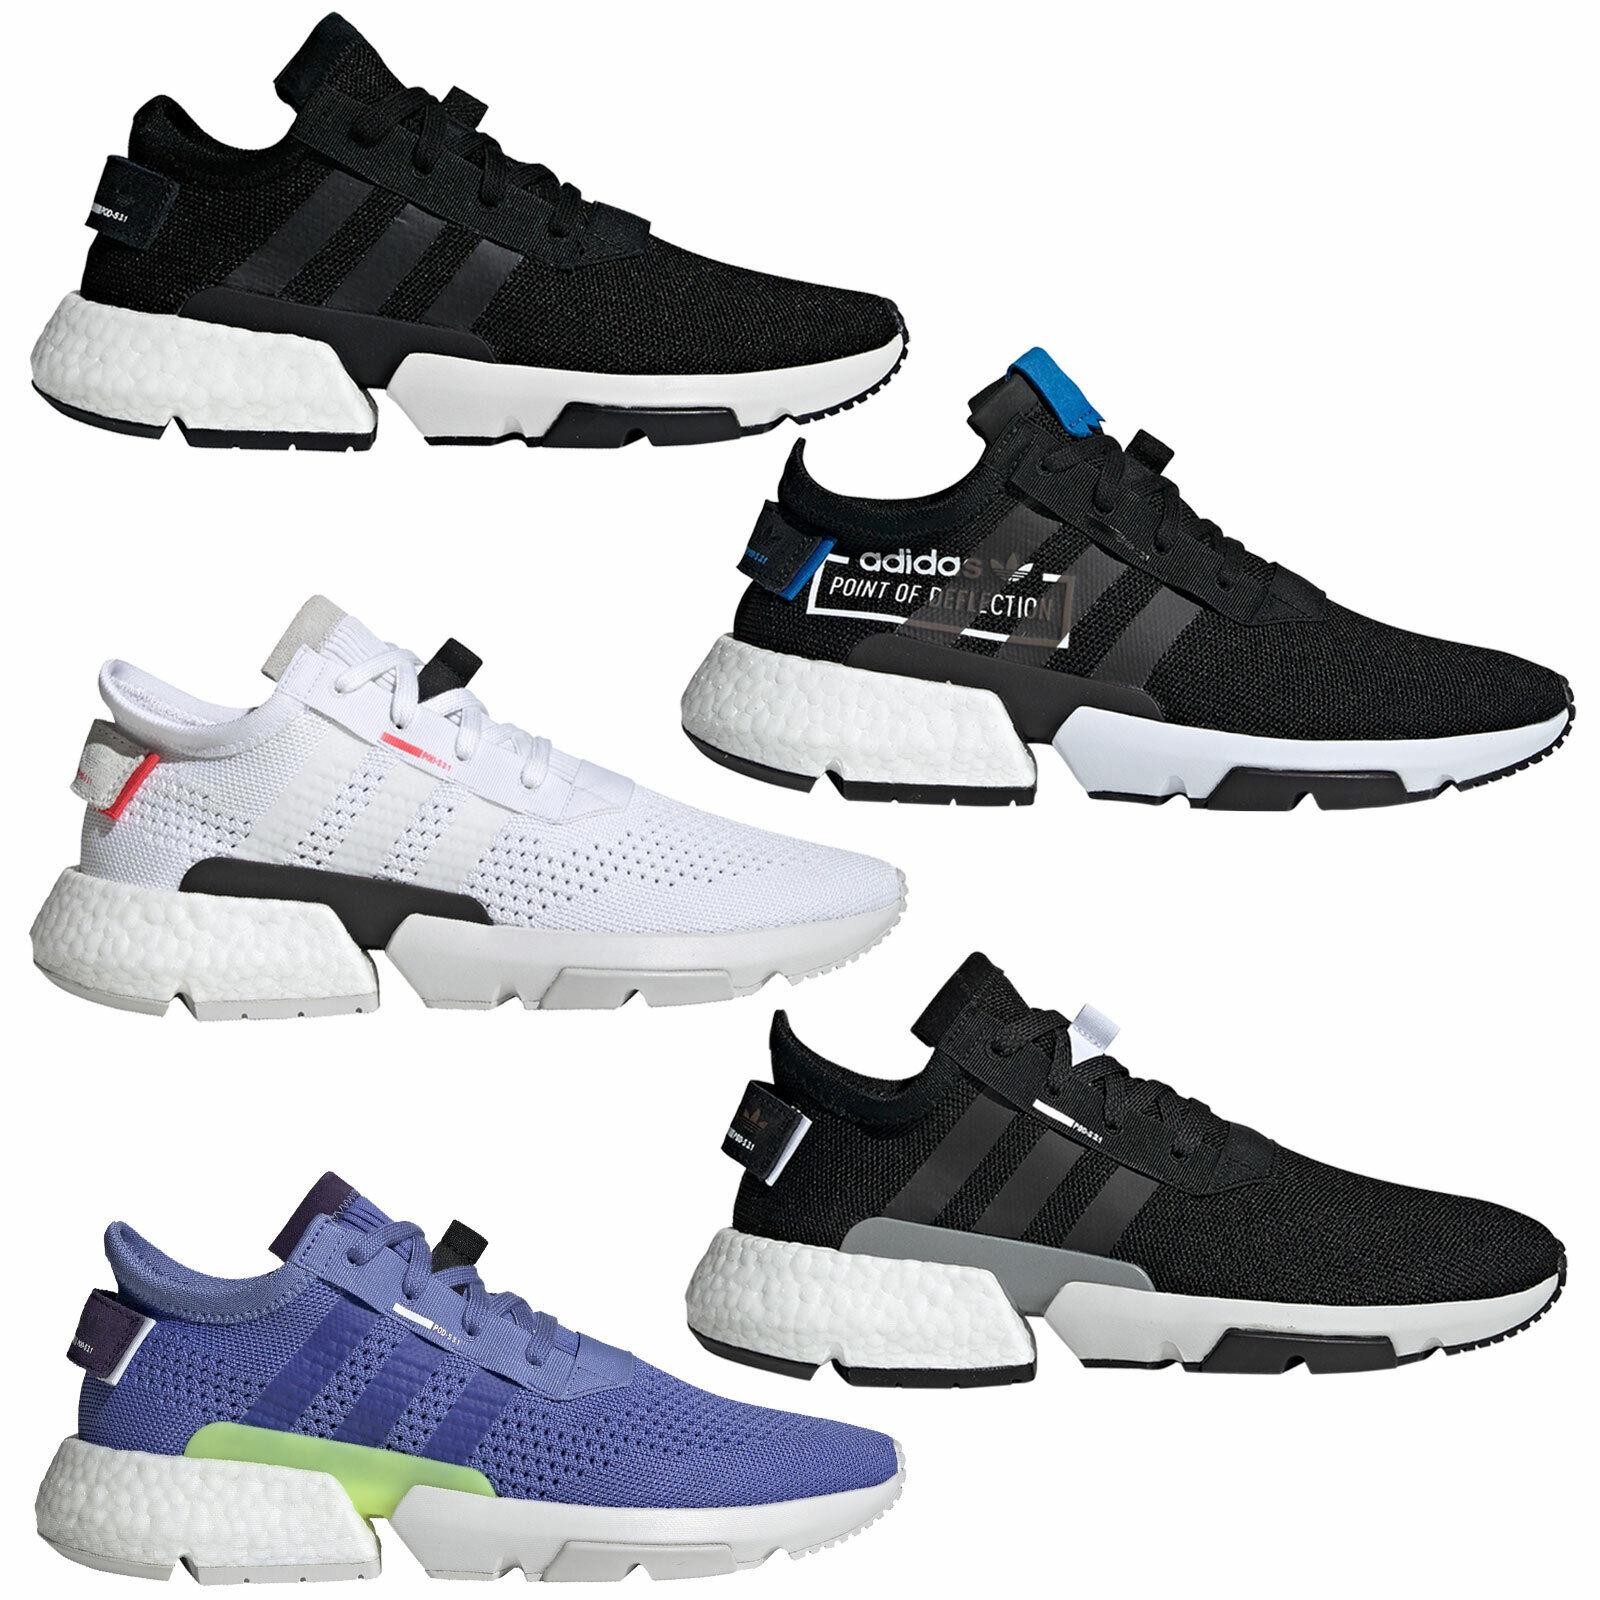 Adidas Originals POD-S 3.1 Sneakers men shoes da Ginnastica Boost Casual